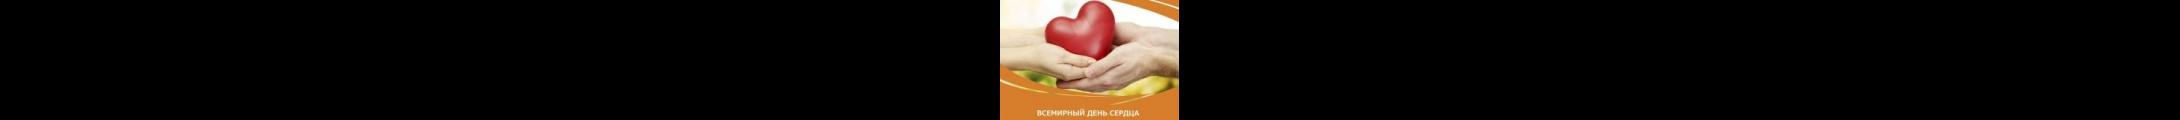 Всемирный день сердца!